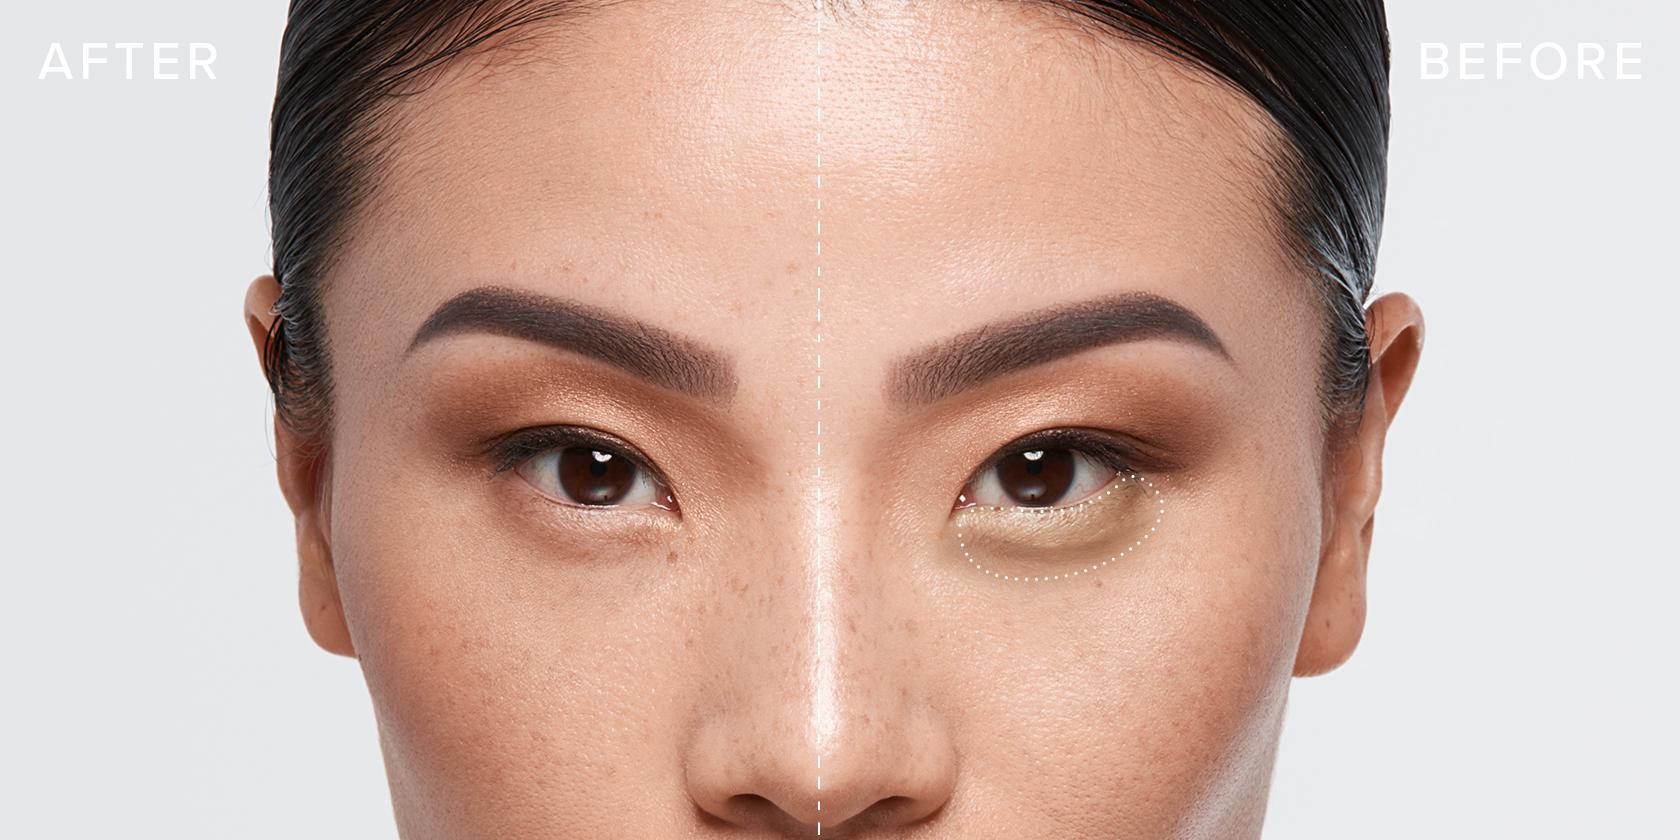 conceal-under-eyes